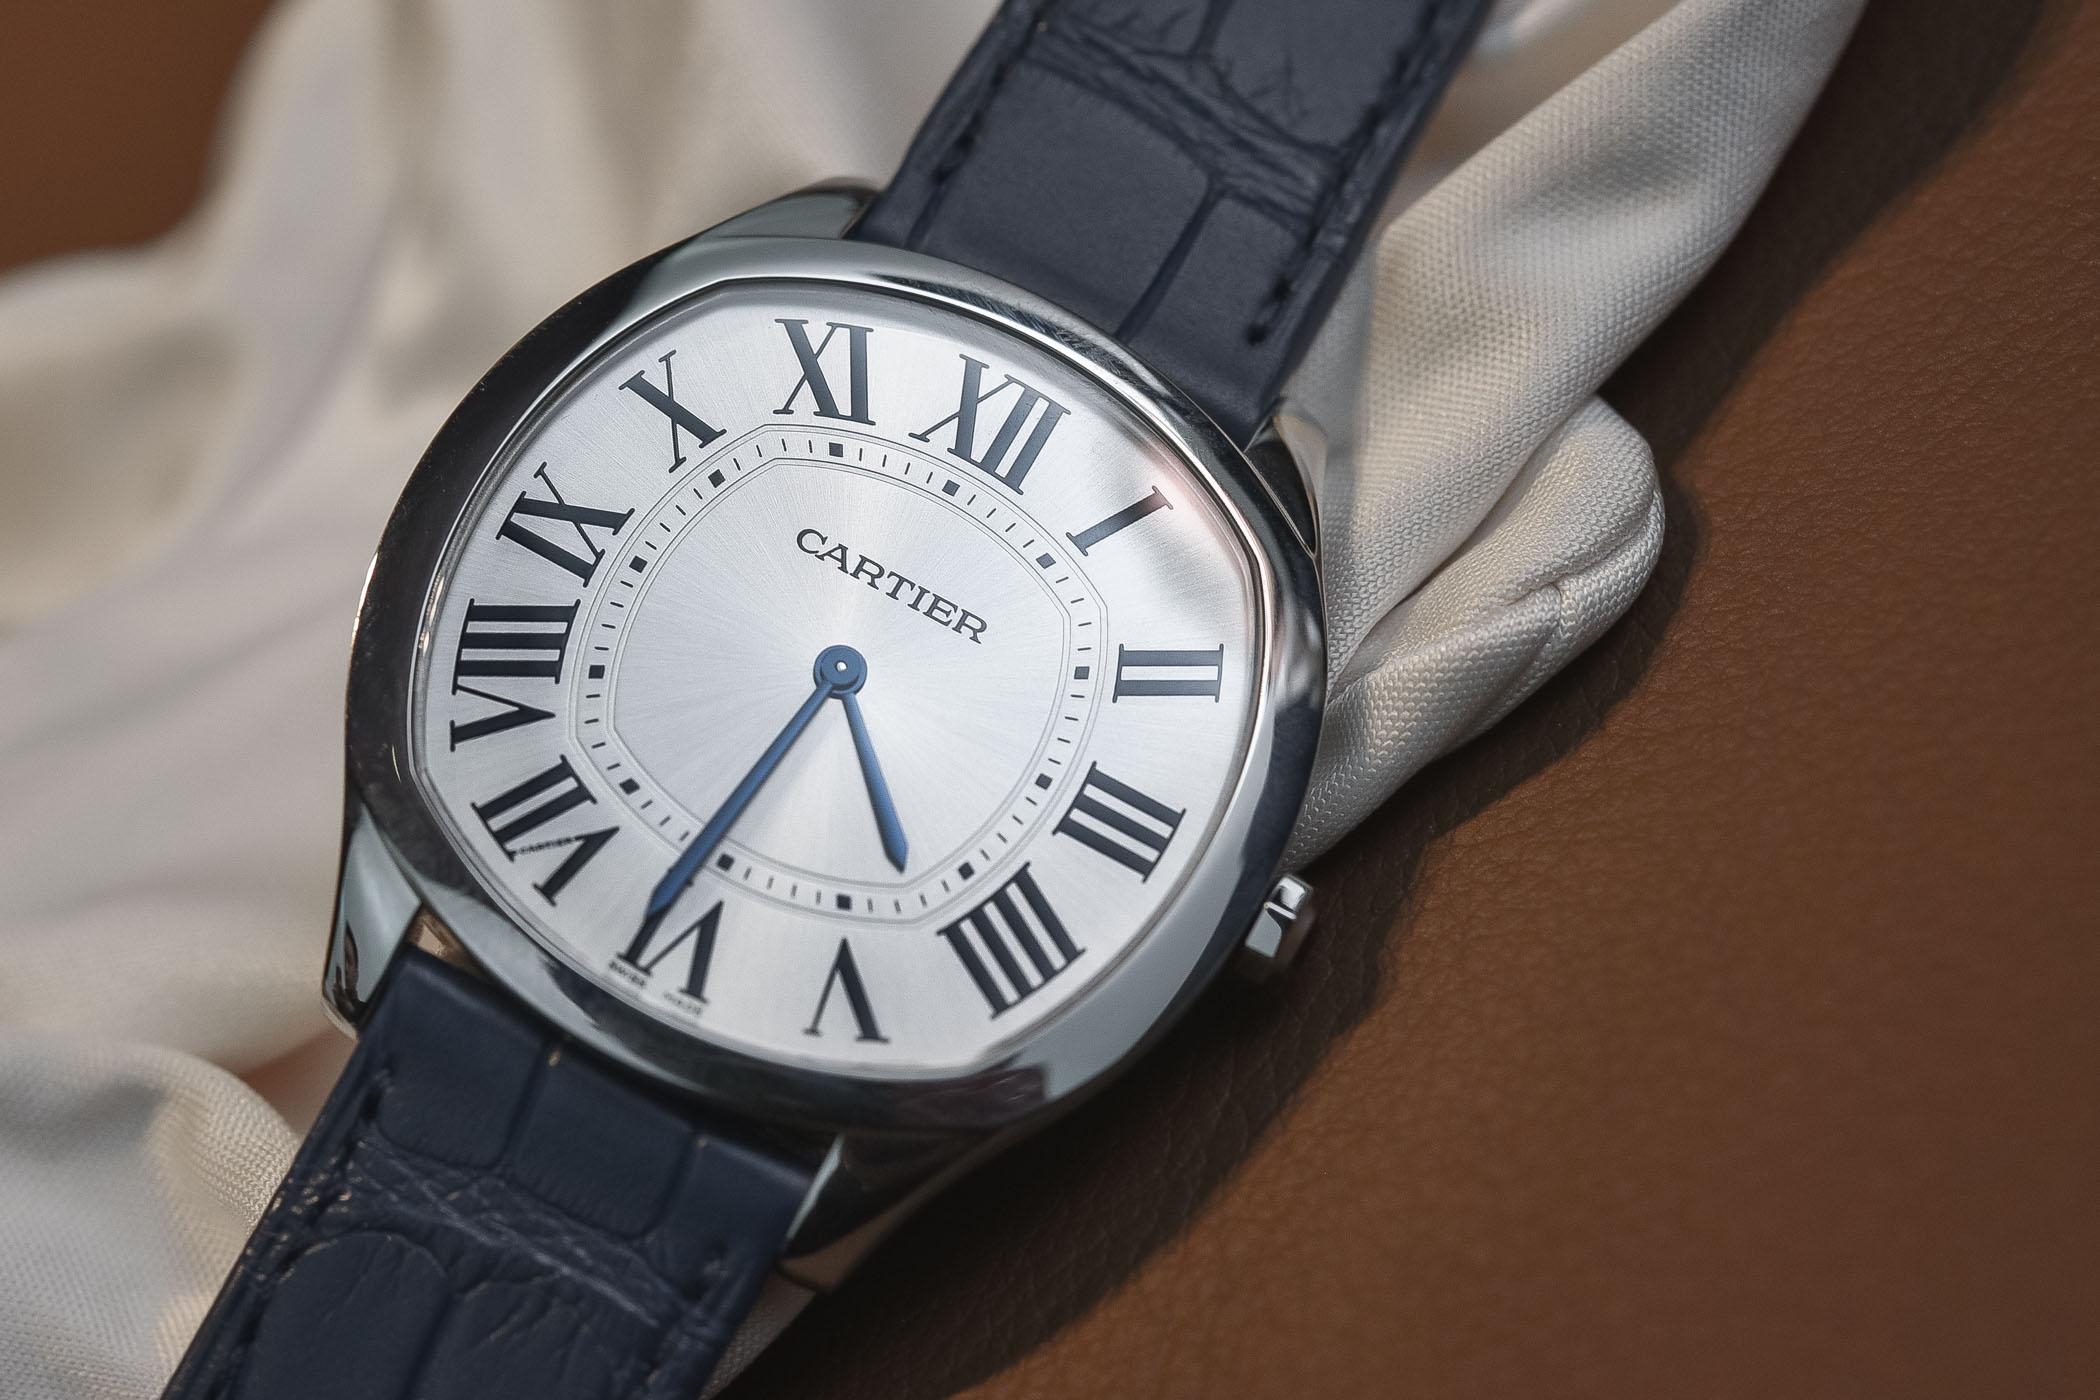 Reolicas Cartier-e